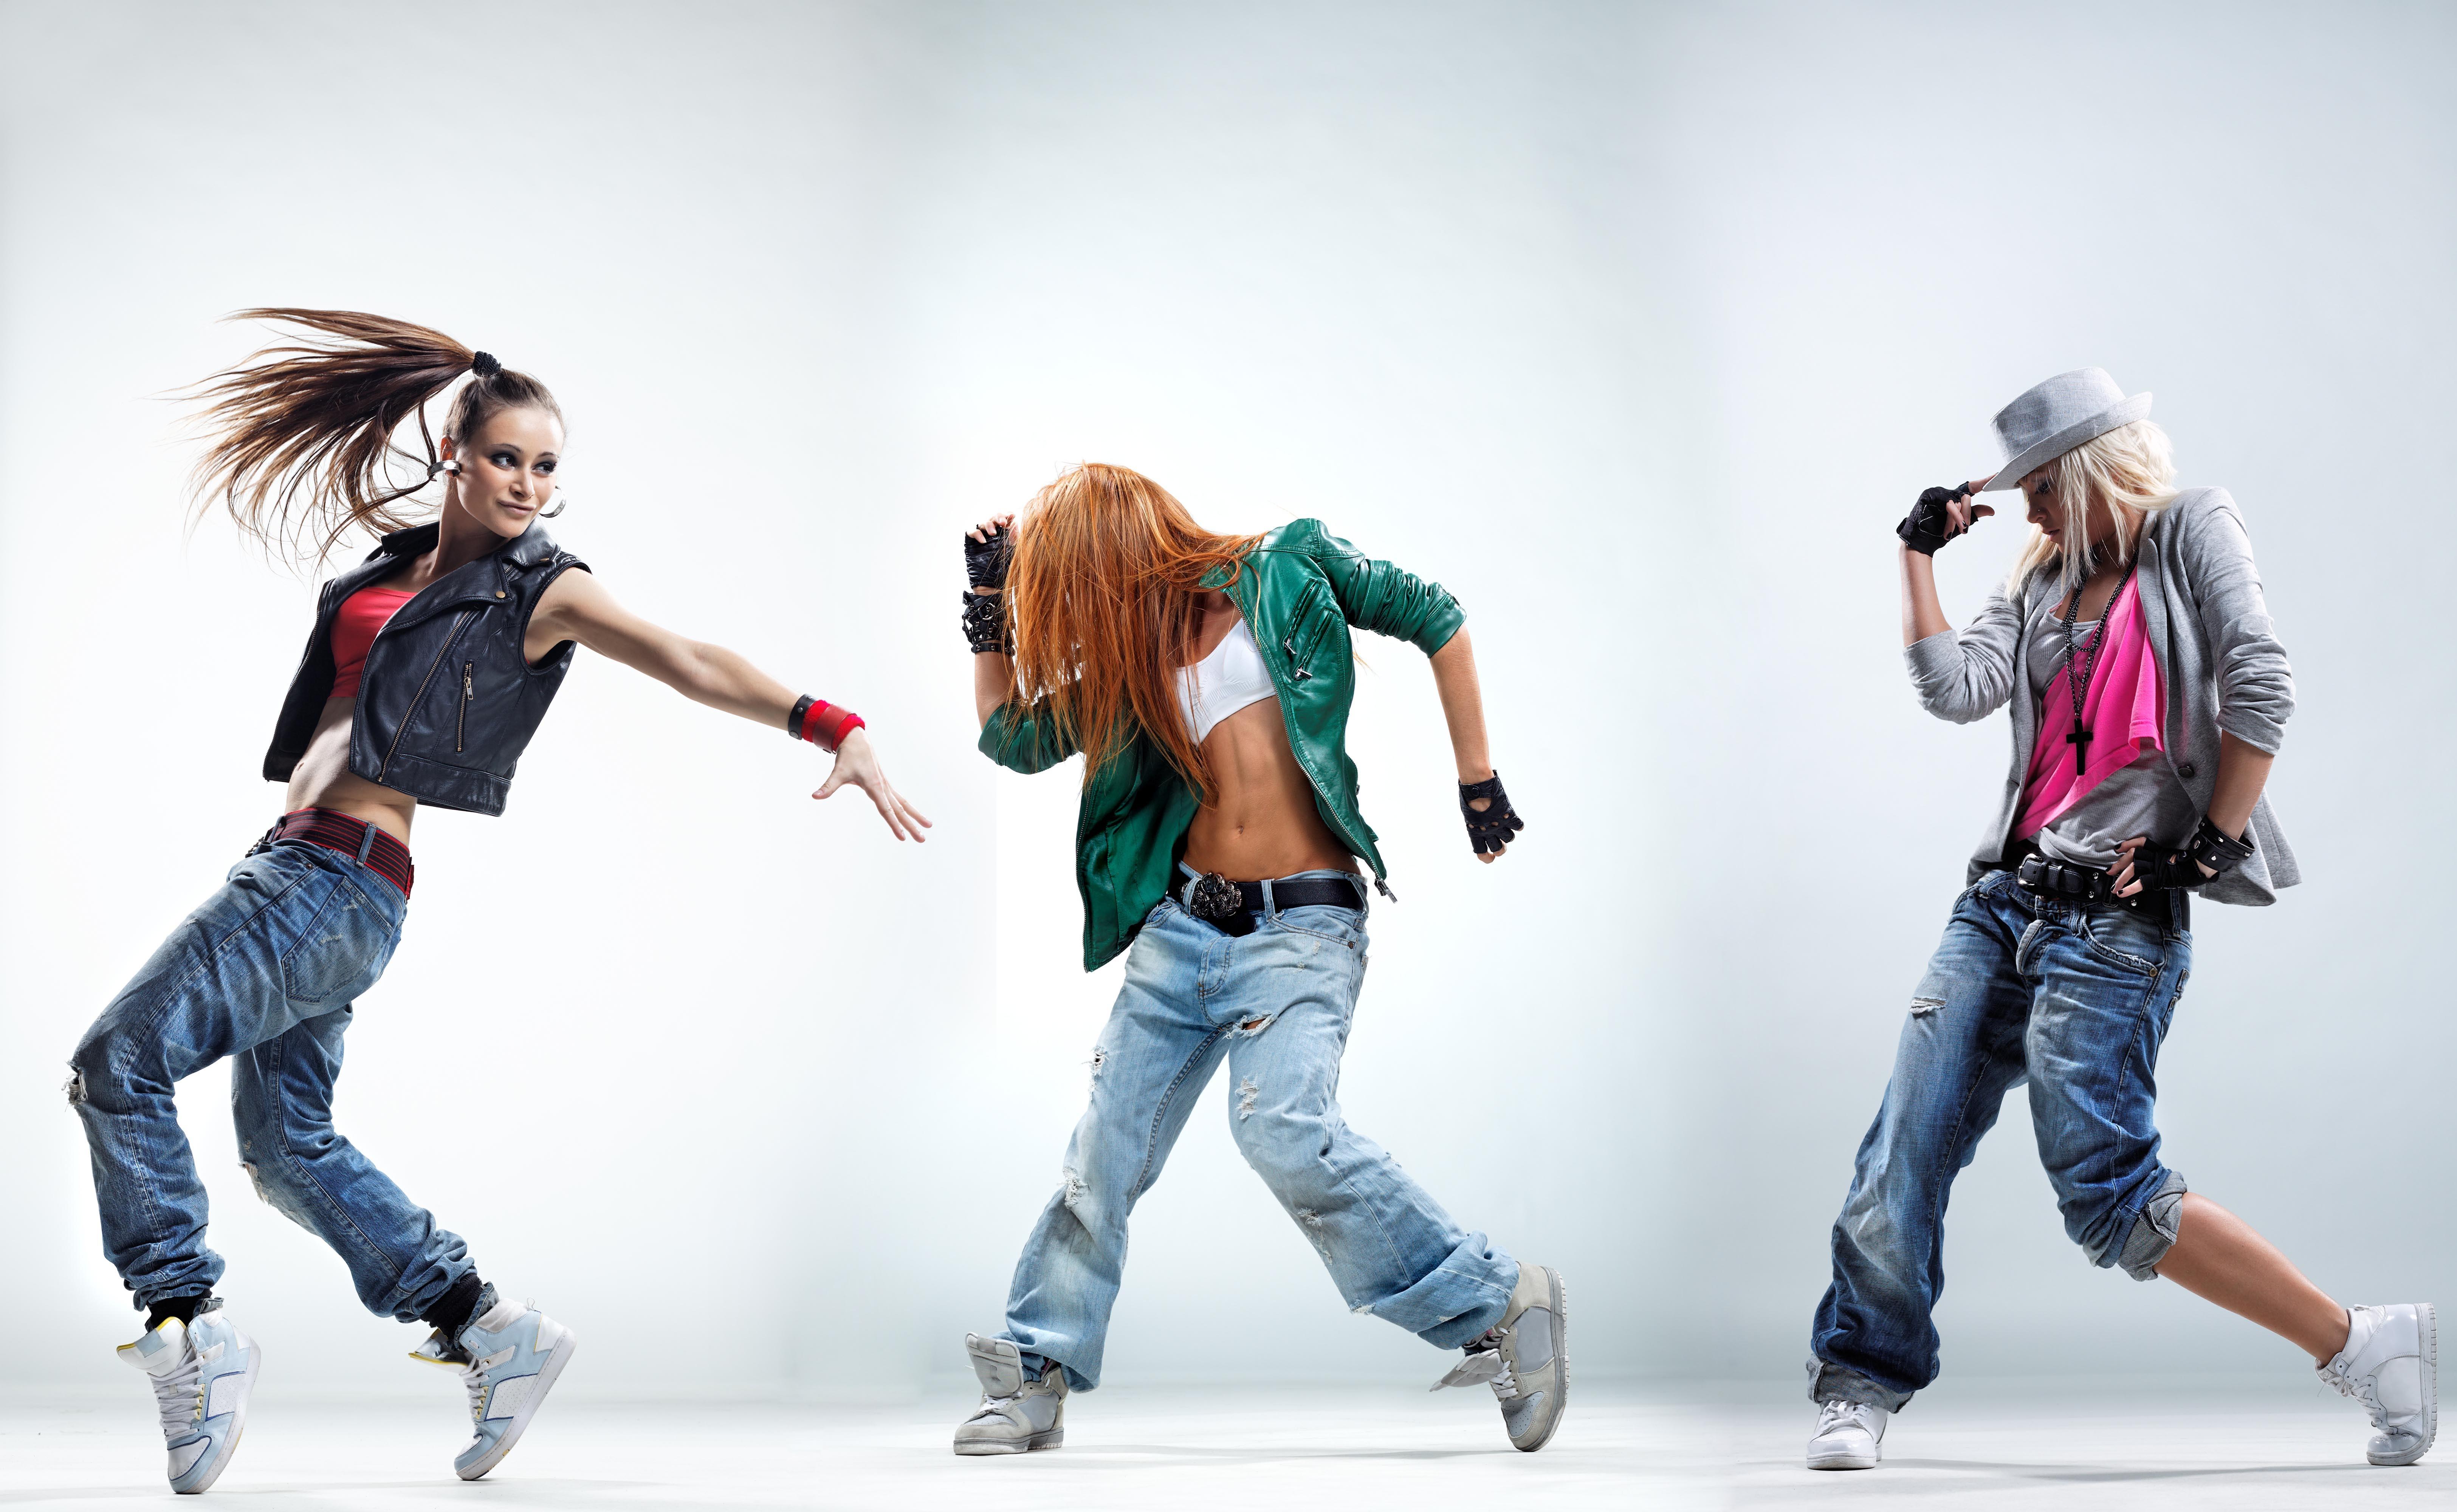 Порно толстых видео про танцующих девушек онлайн было денег трахнули